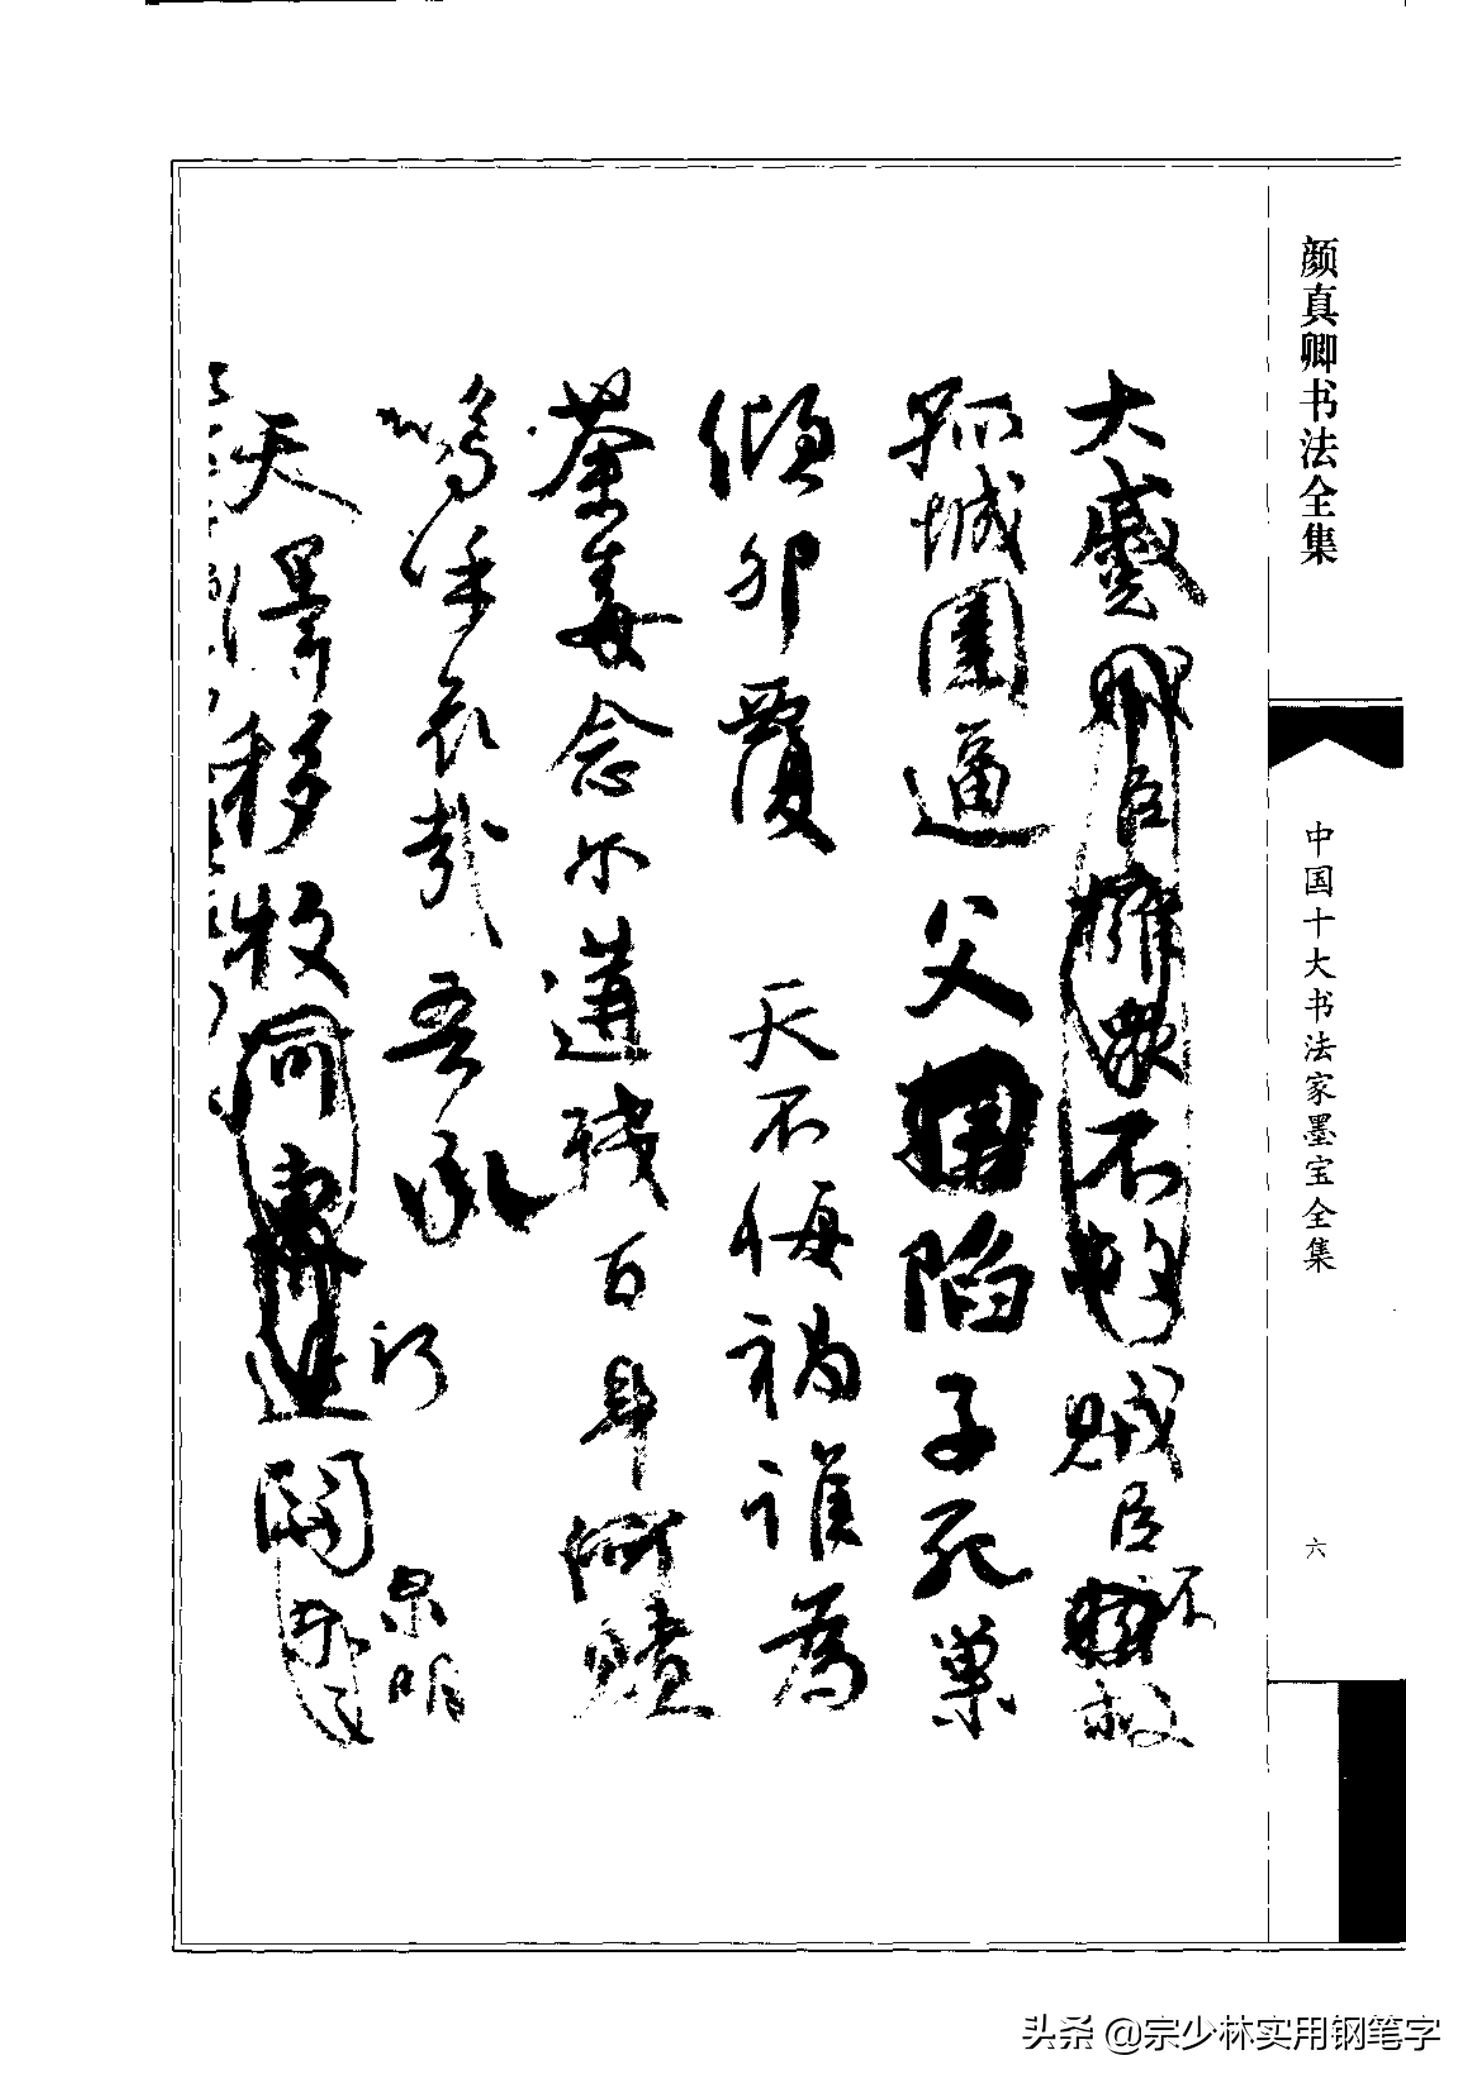 中国十大书法家墨宝:颜真卿书法全集,最美楷书,影响了几千年